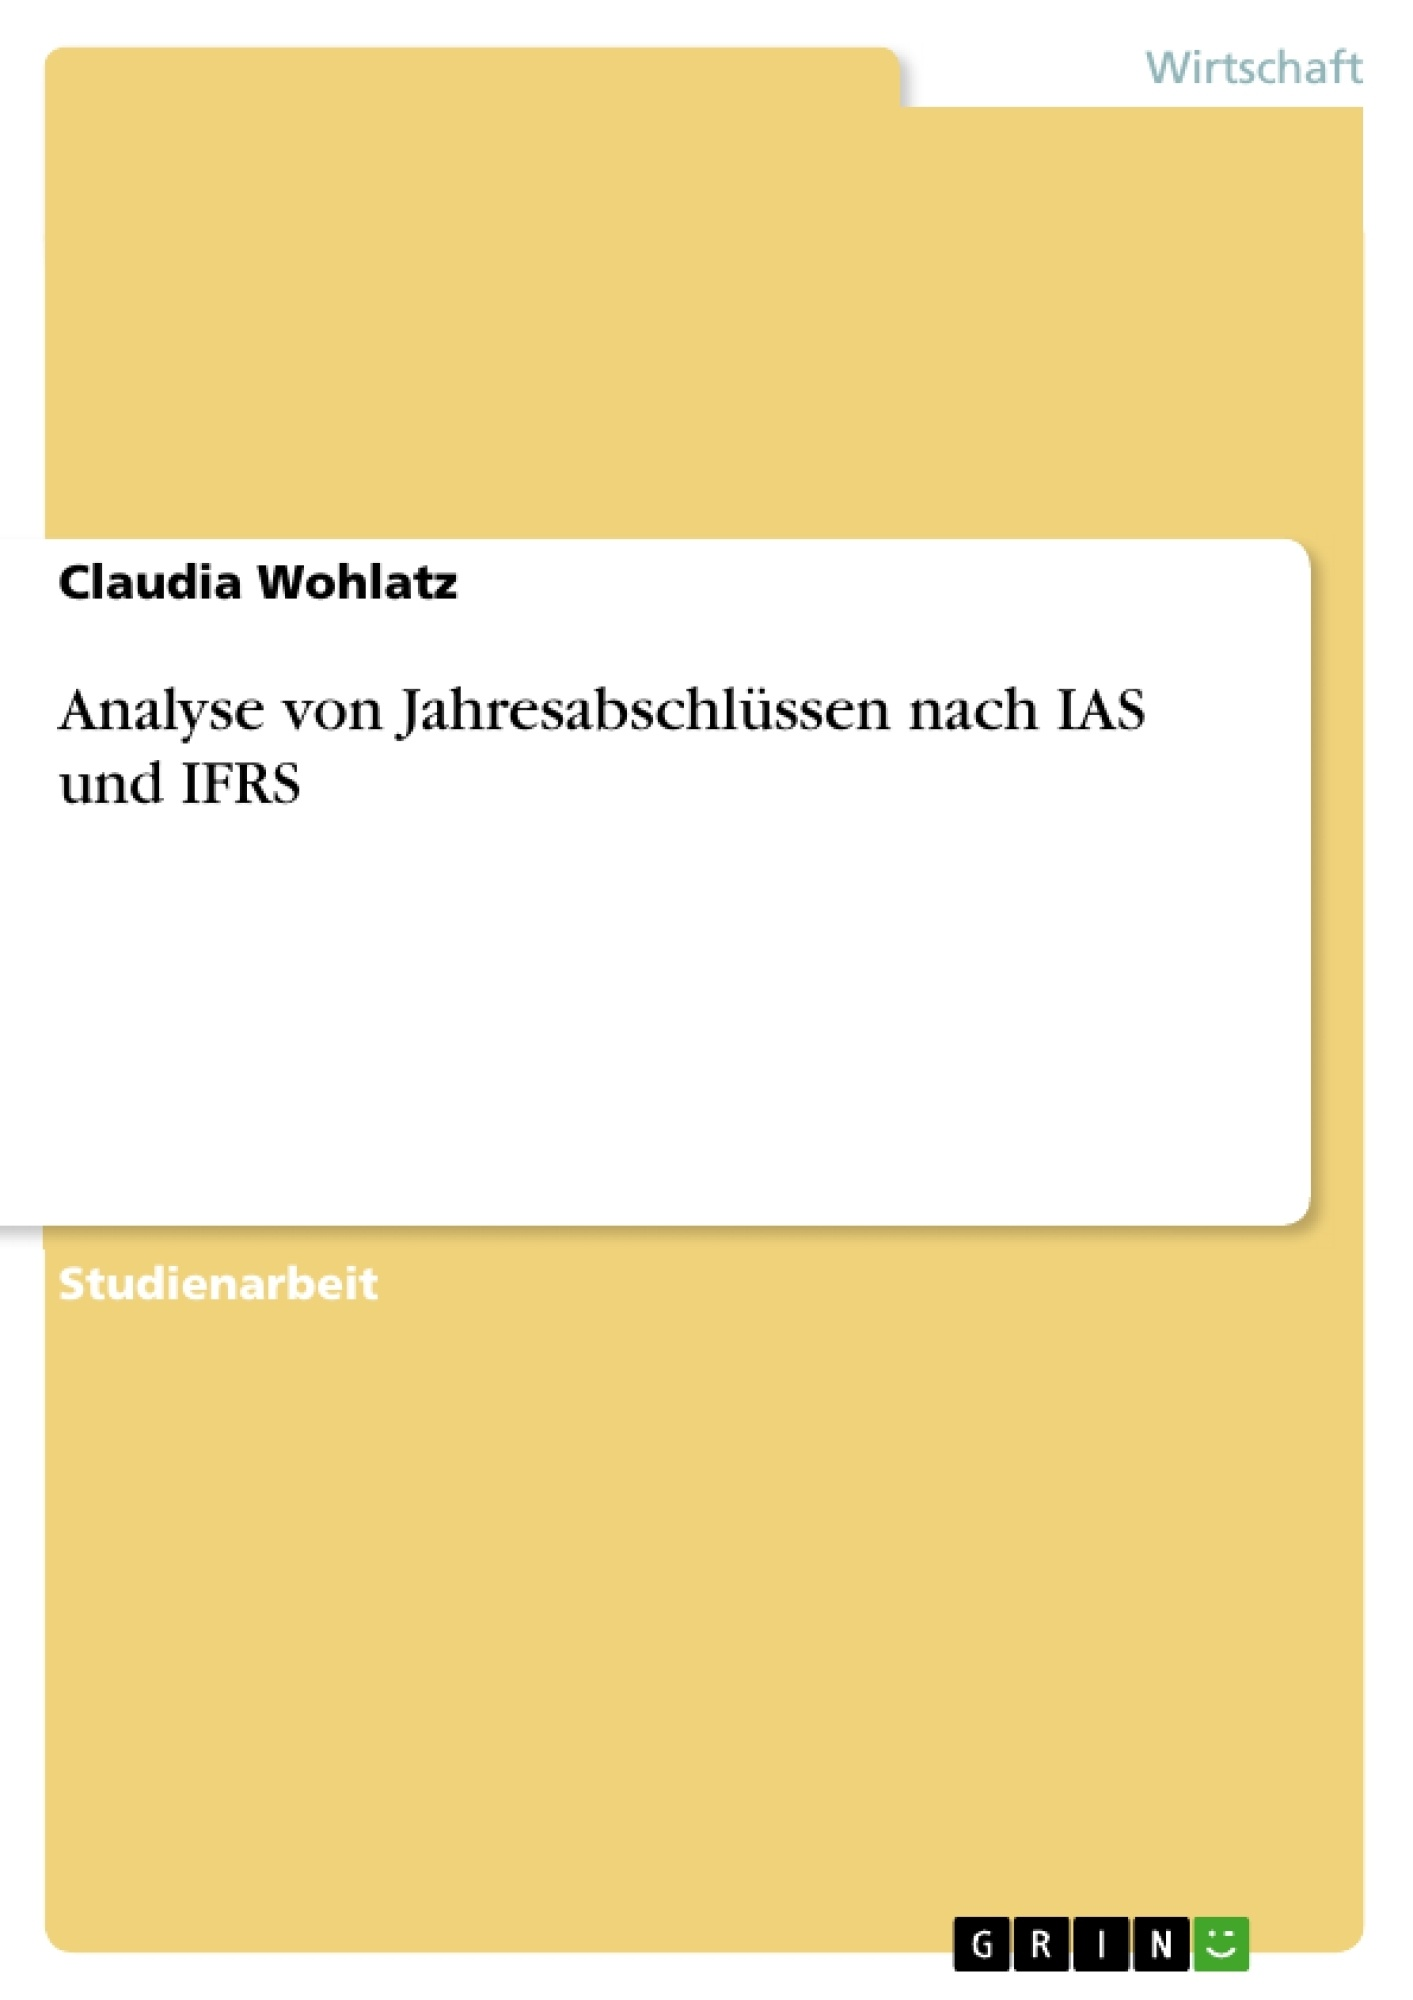 Titel: Analyse von Jahresabschlüssen nach IAS und IFRS